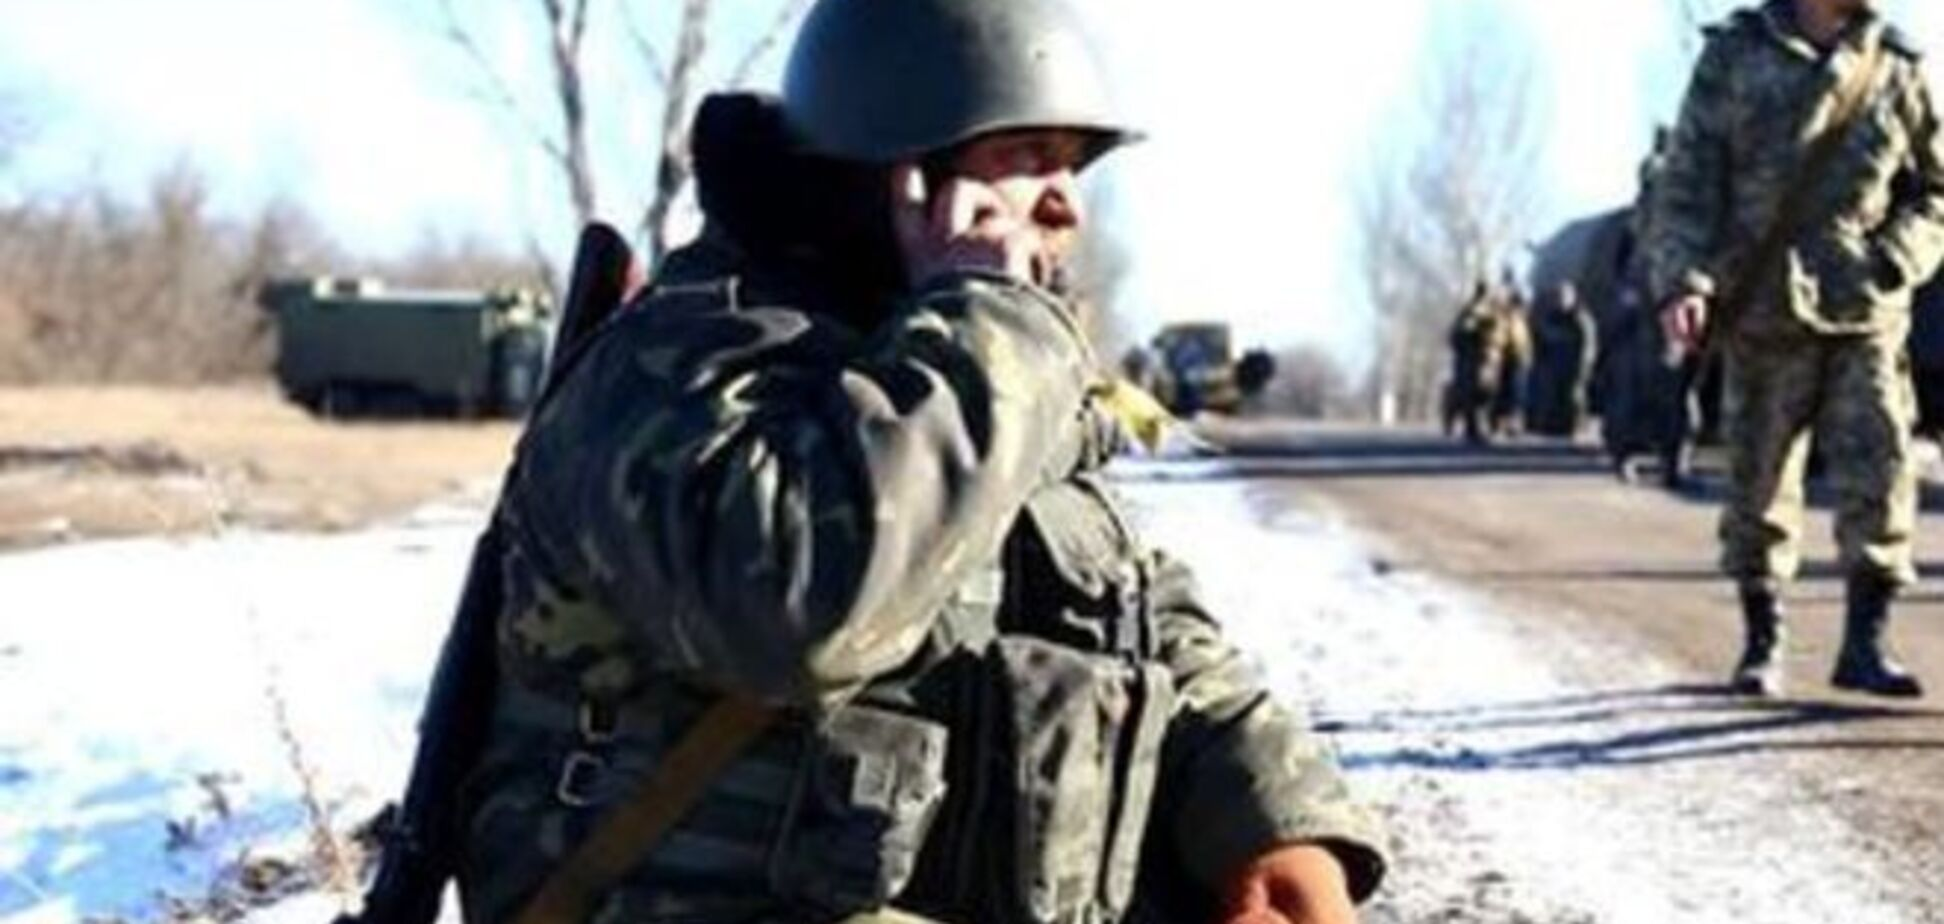 Дебальцеве покинув останній український боєць